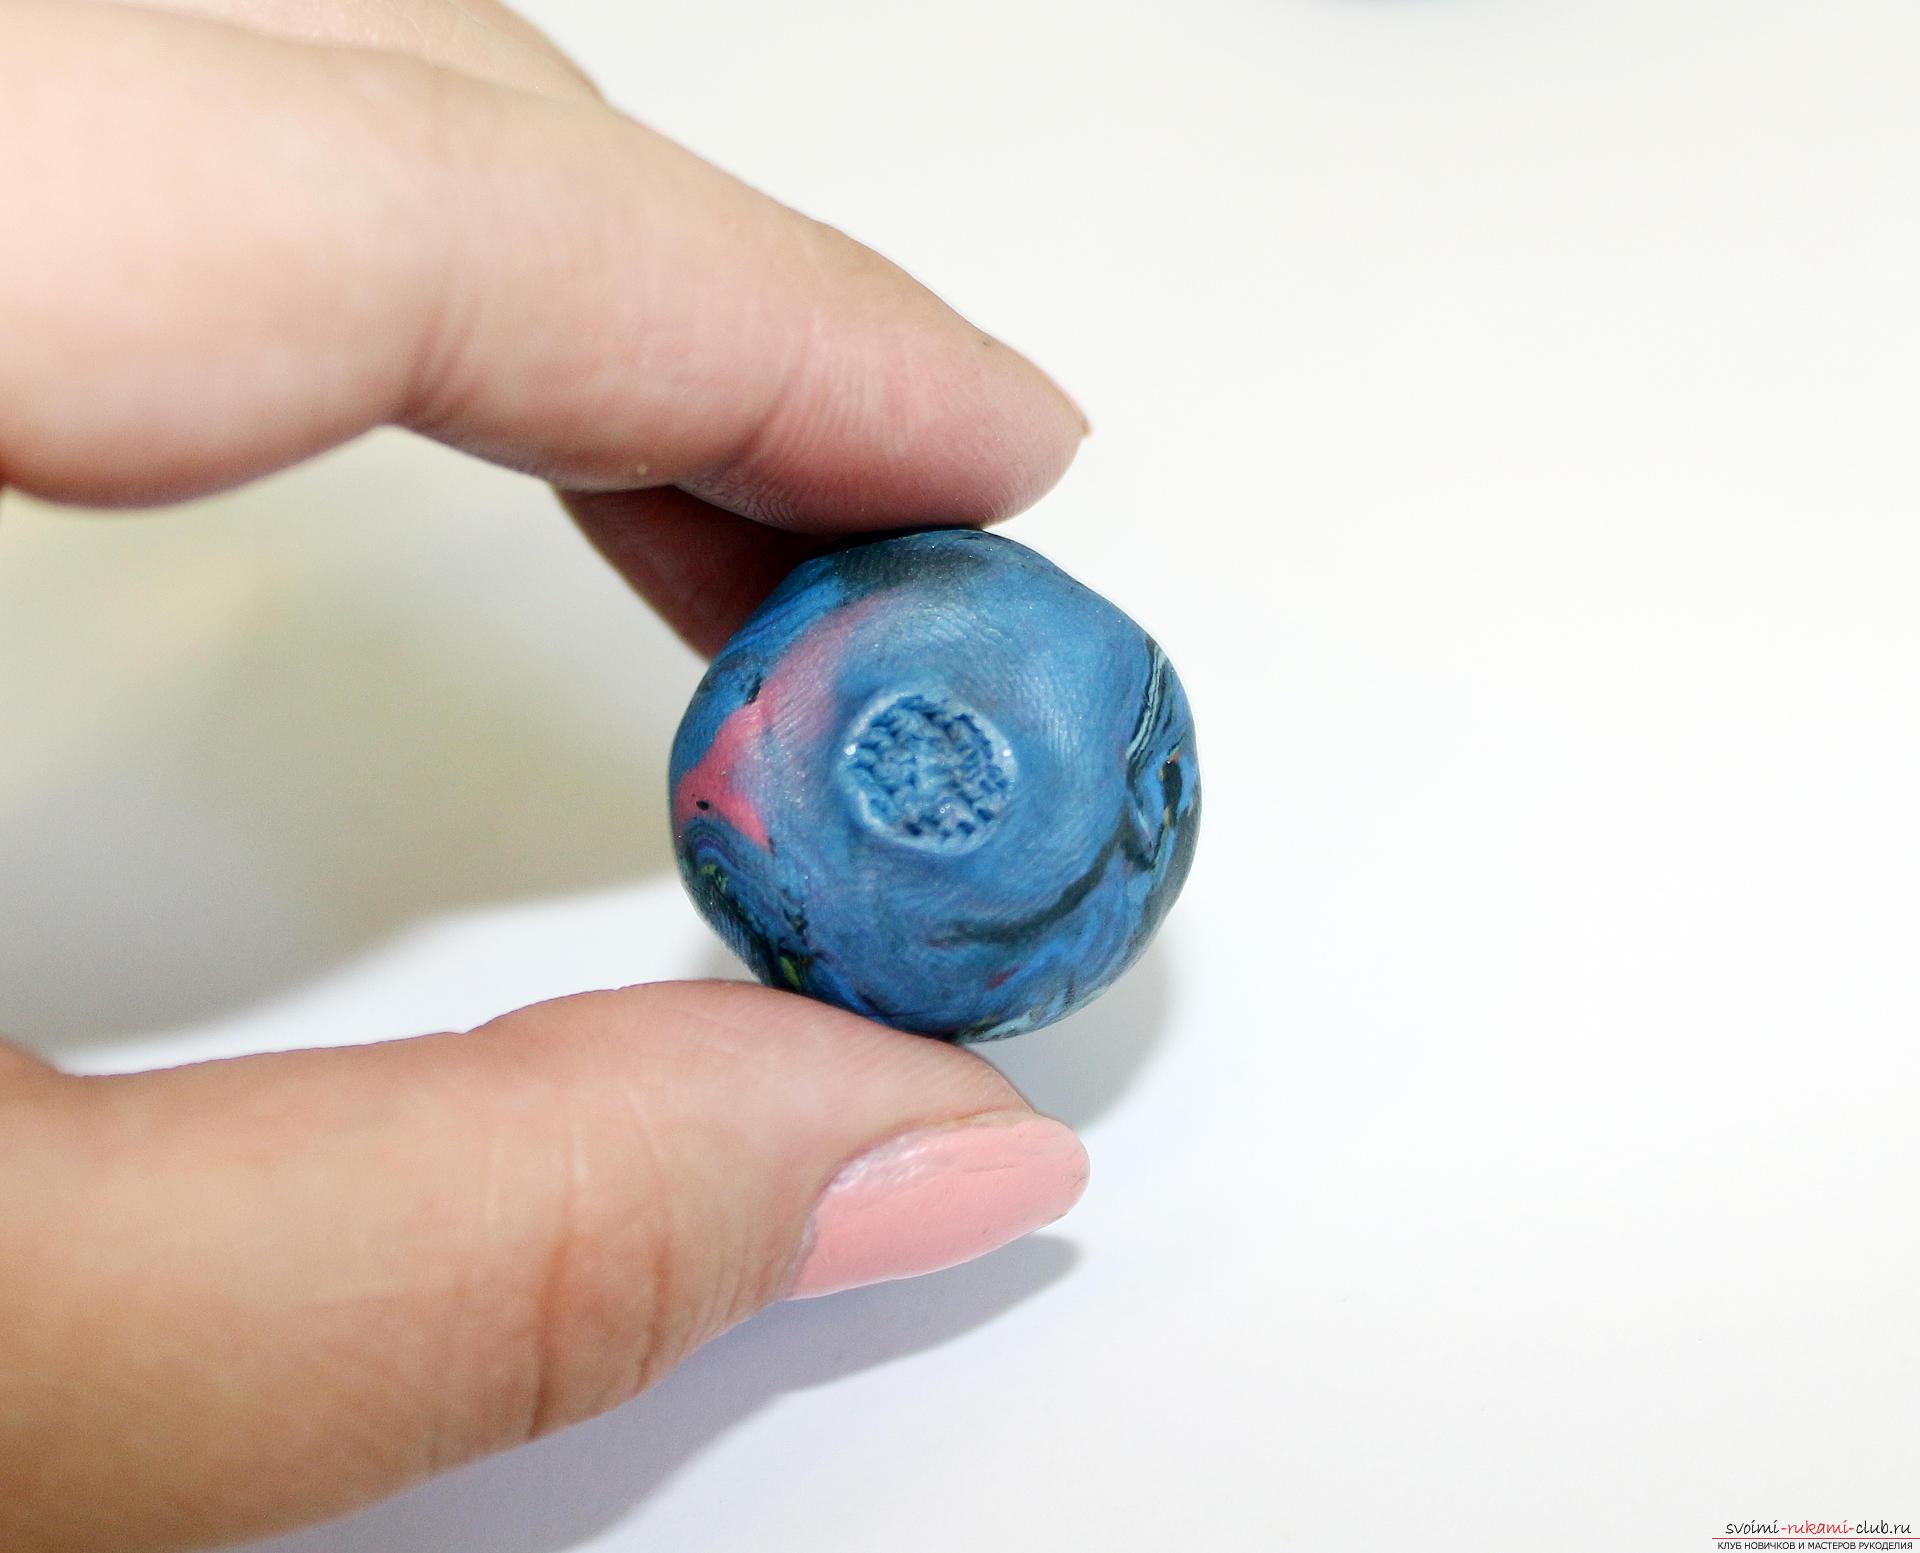 Этот подробный мастер-класс по лепке из полимерной глины расскажет как сделать своими руками фигурки из полимерной глины - овощи и фрукты для детей.. Фото №29